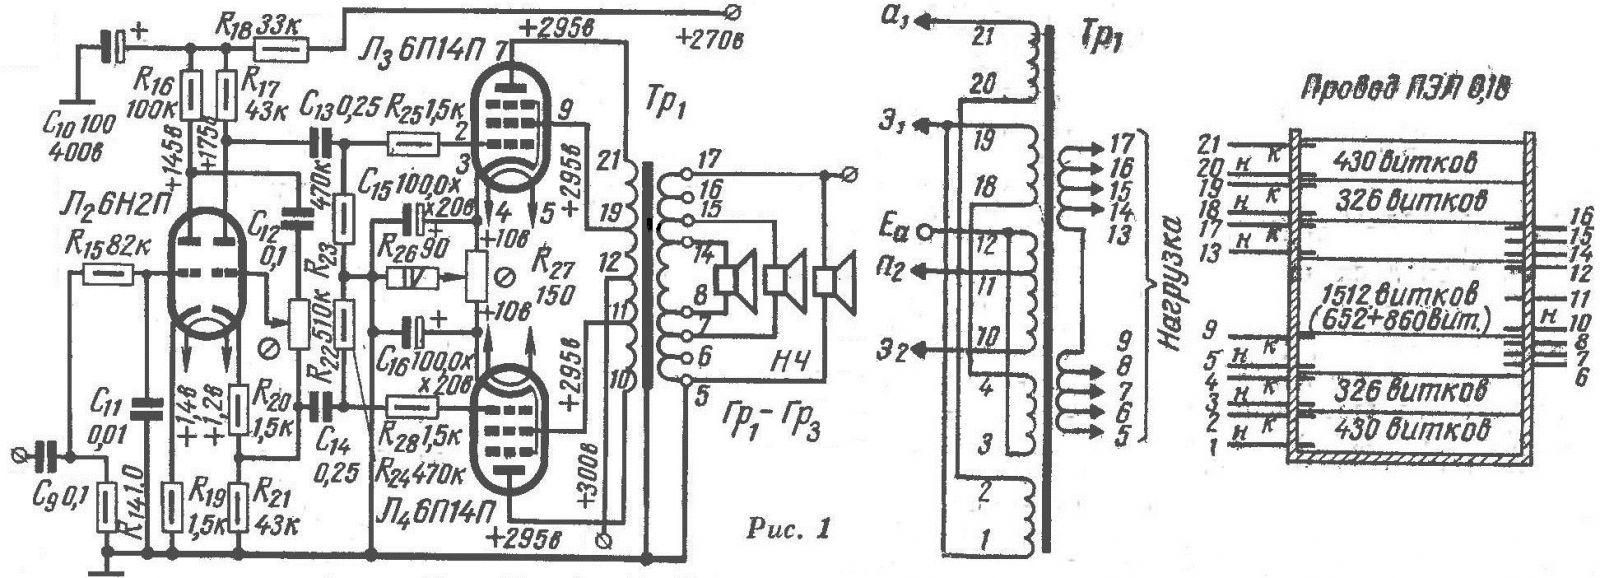 Ламповый усилитель без выходного трансформатора своими руками фото 525